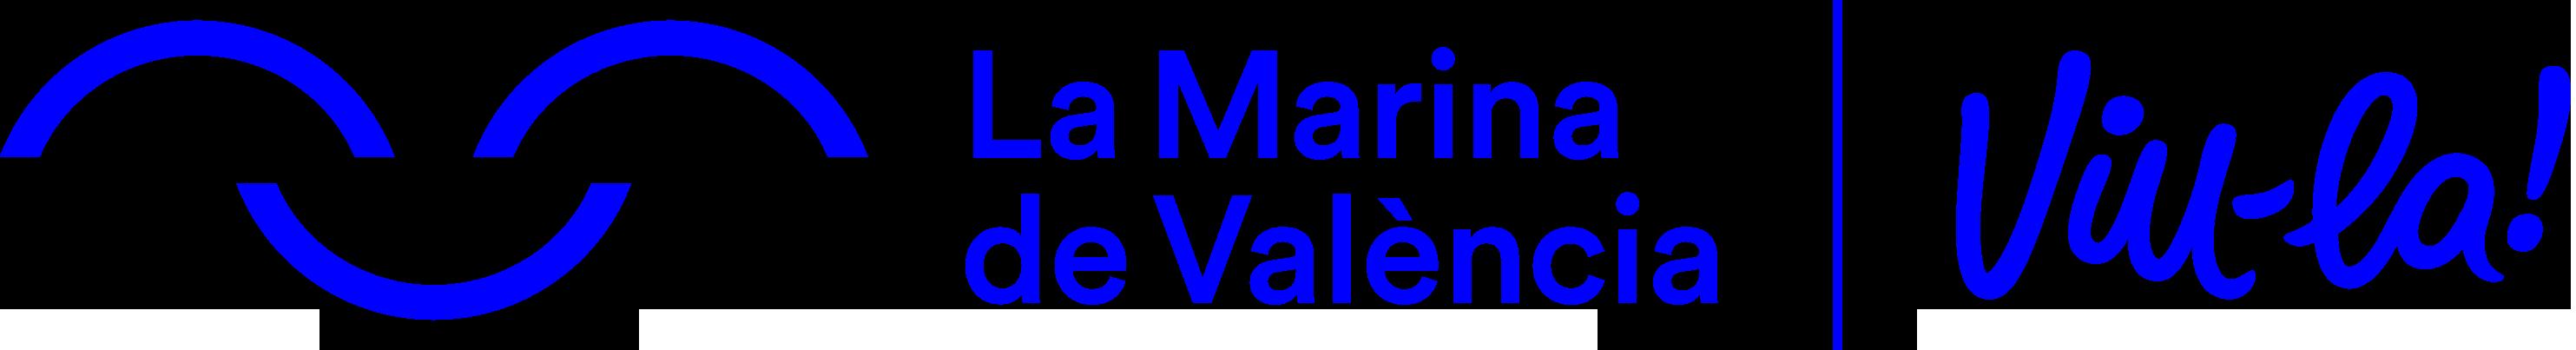 marca_viu-la_vector-2